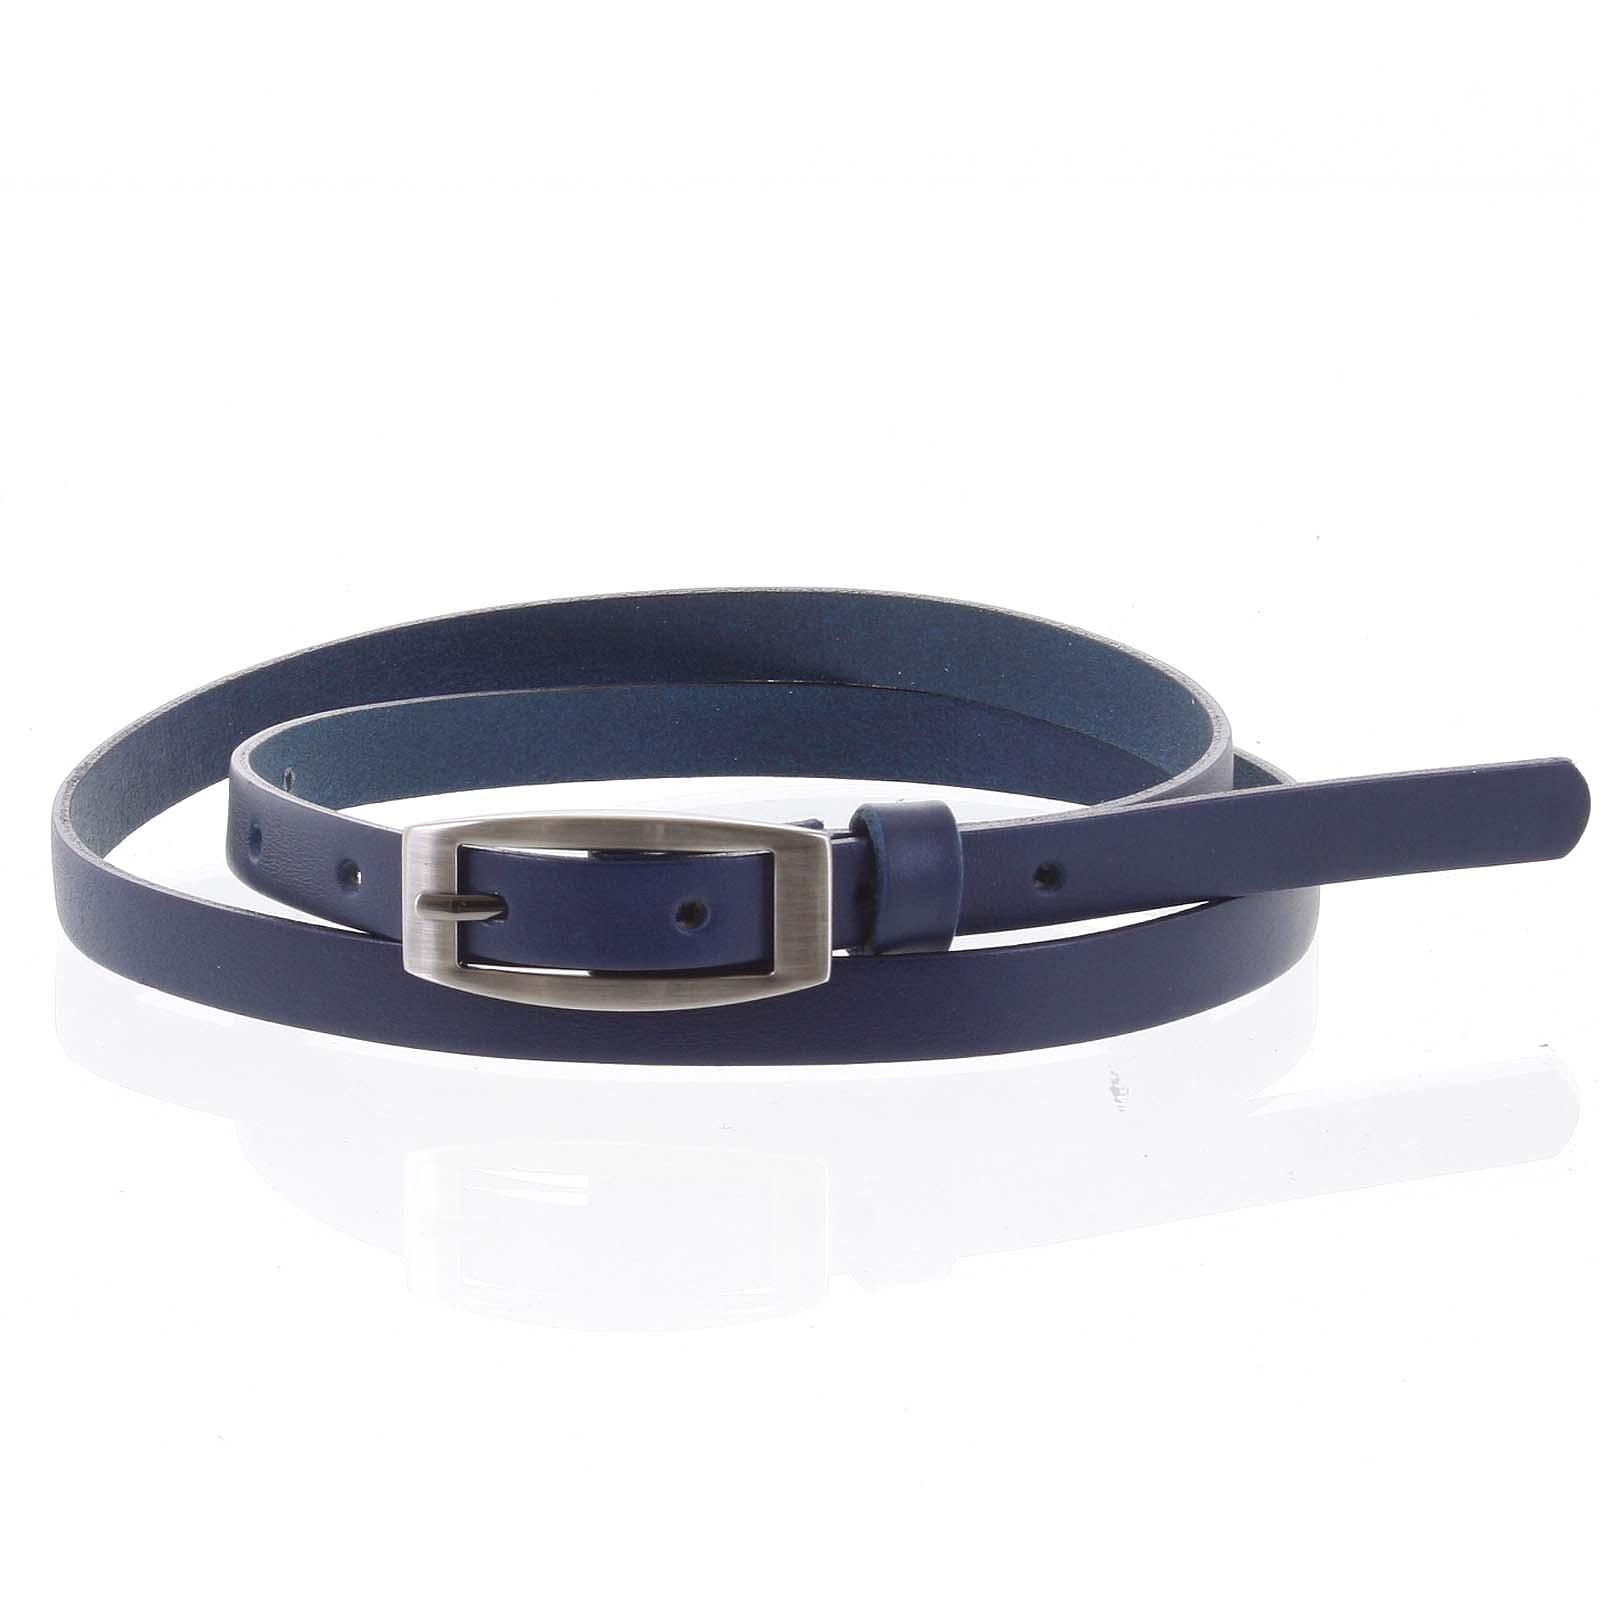 Dámsky kožený opasok modrý - PB Zion 95